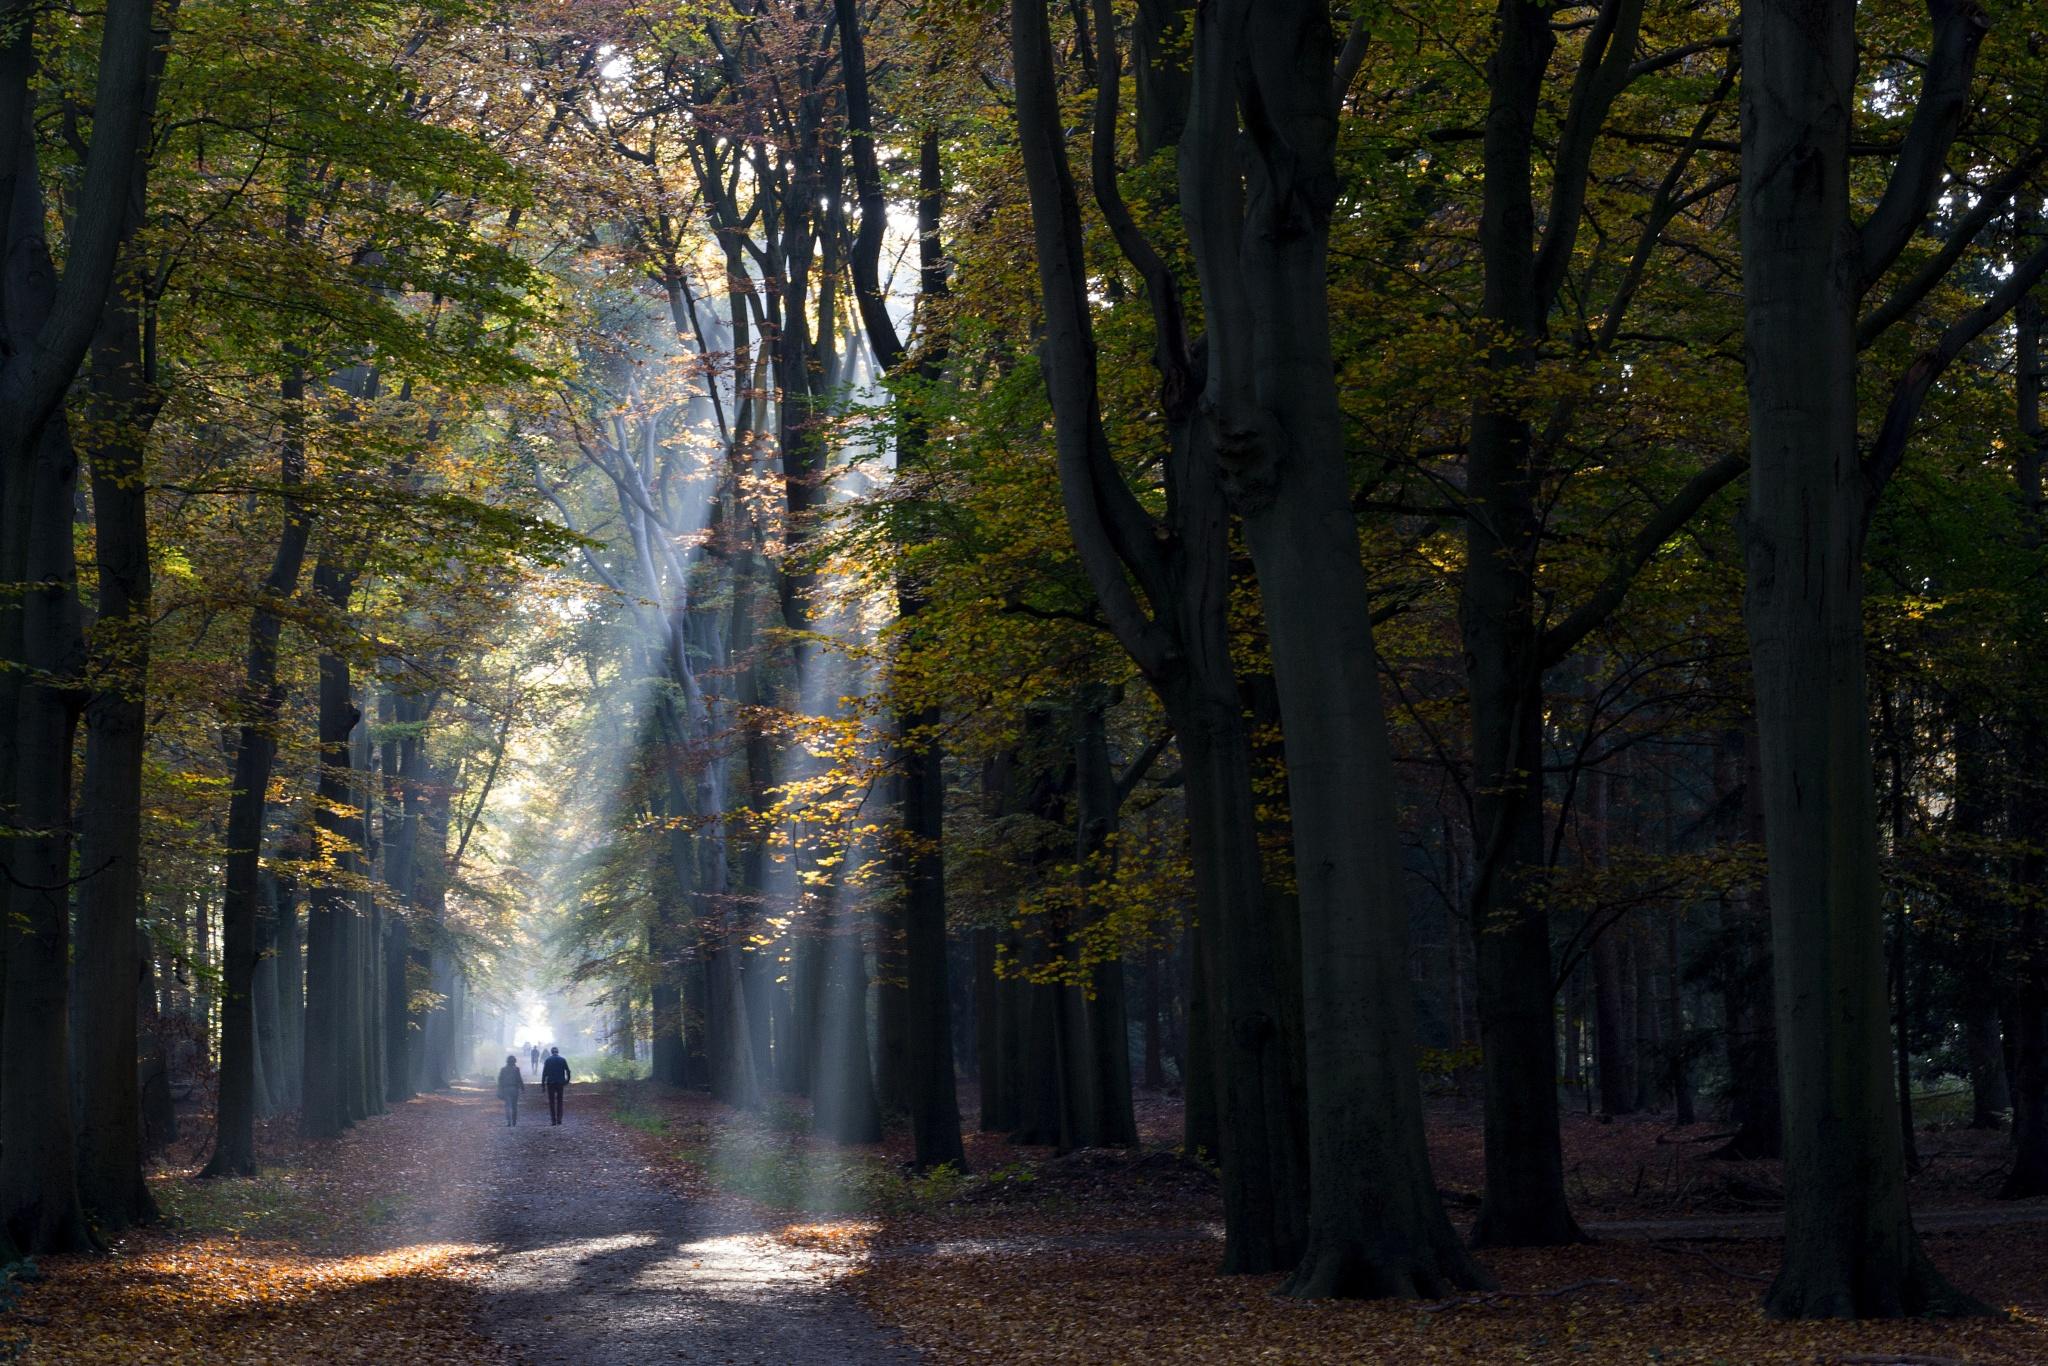 The Walk by Rob van der Griend